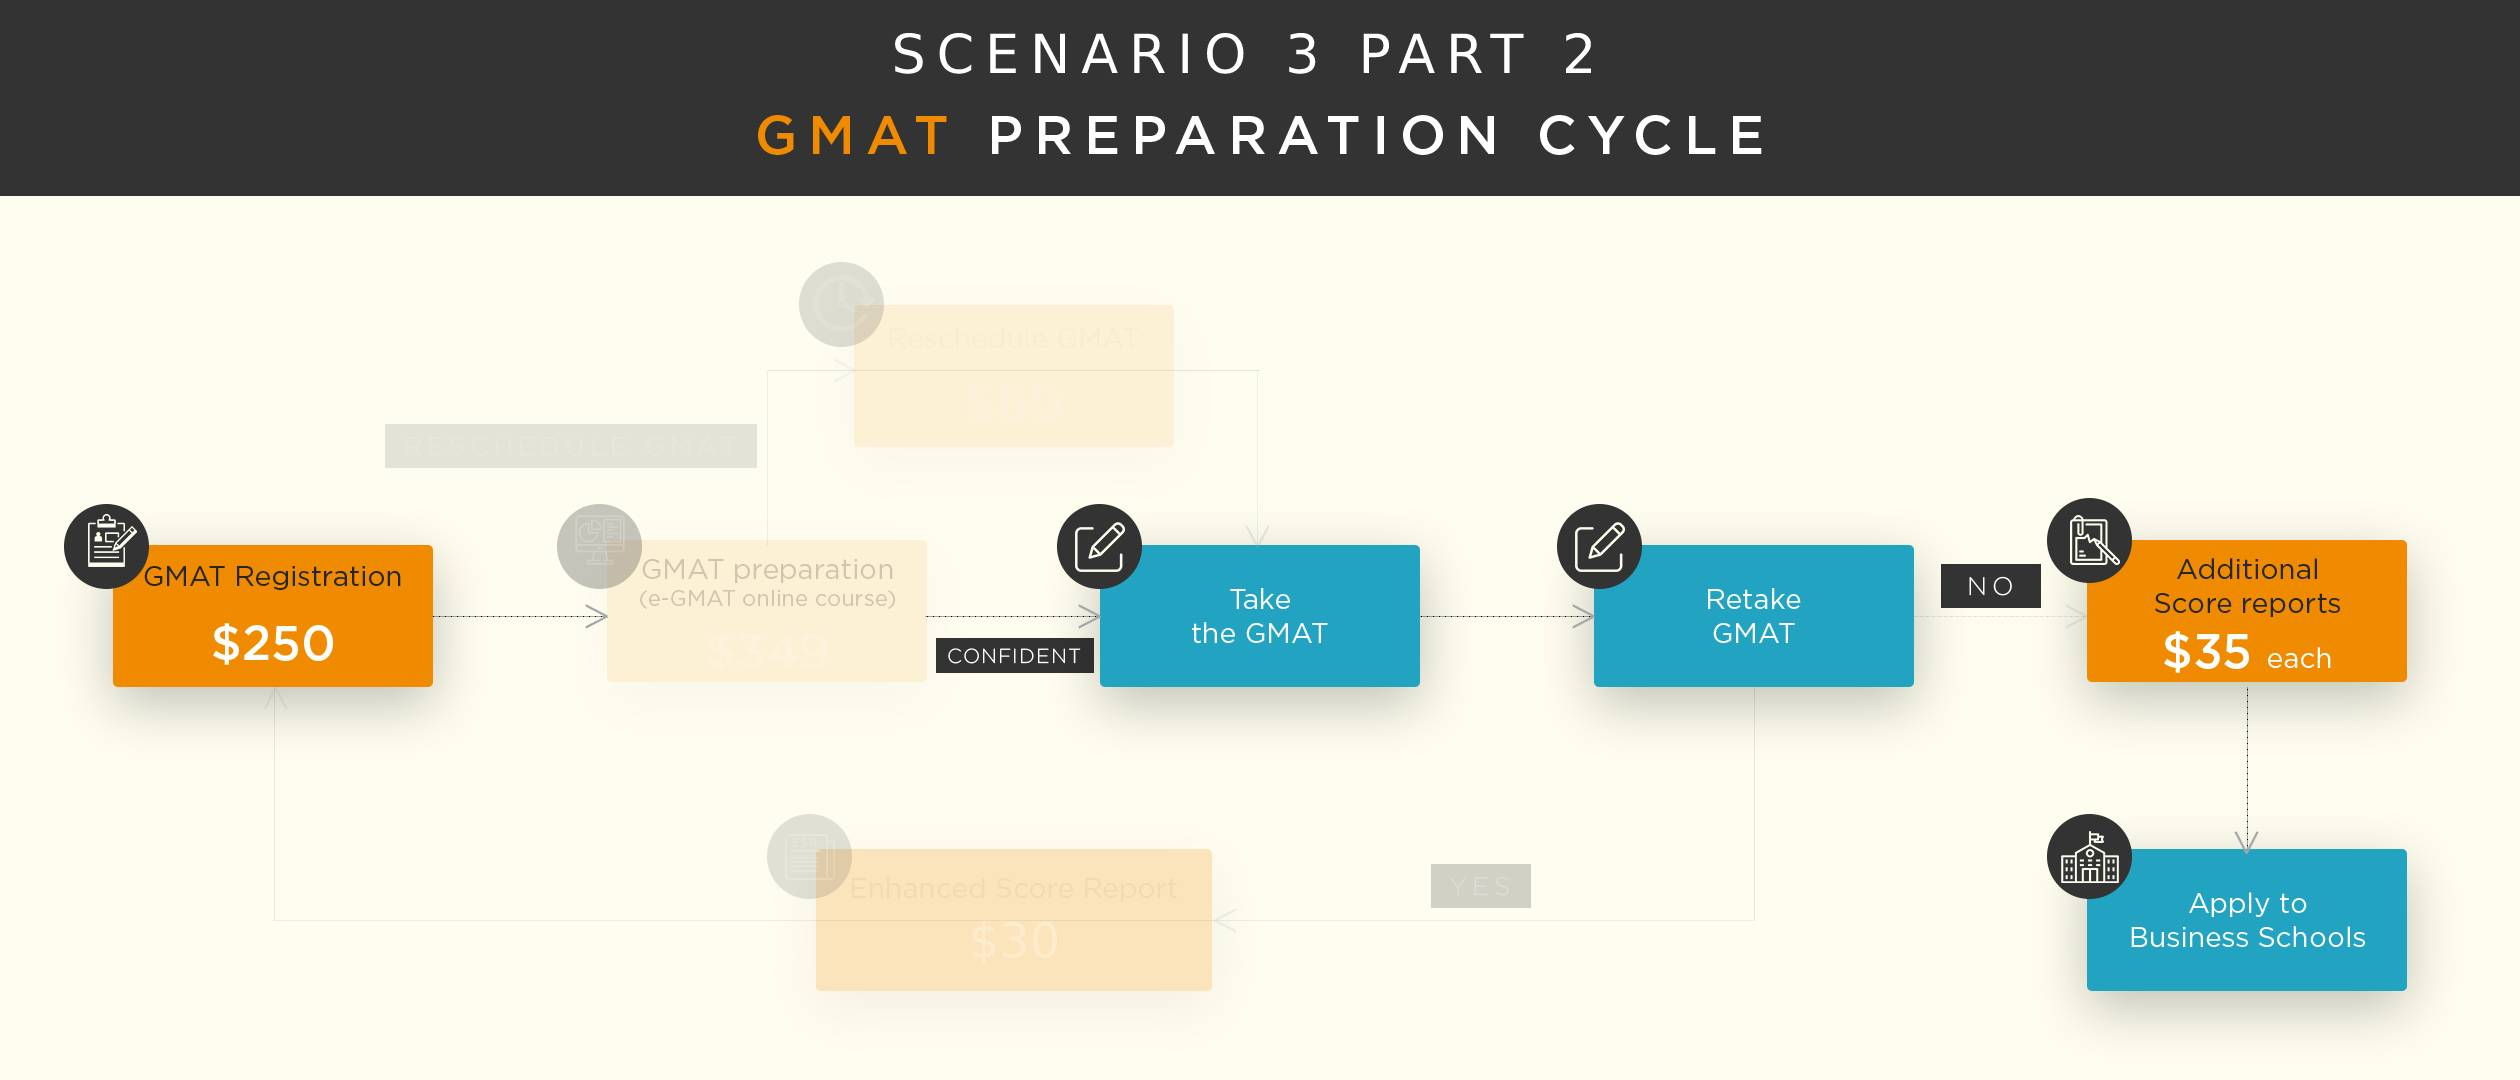 gmat-fees-preparation-cycle-3.1